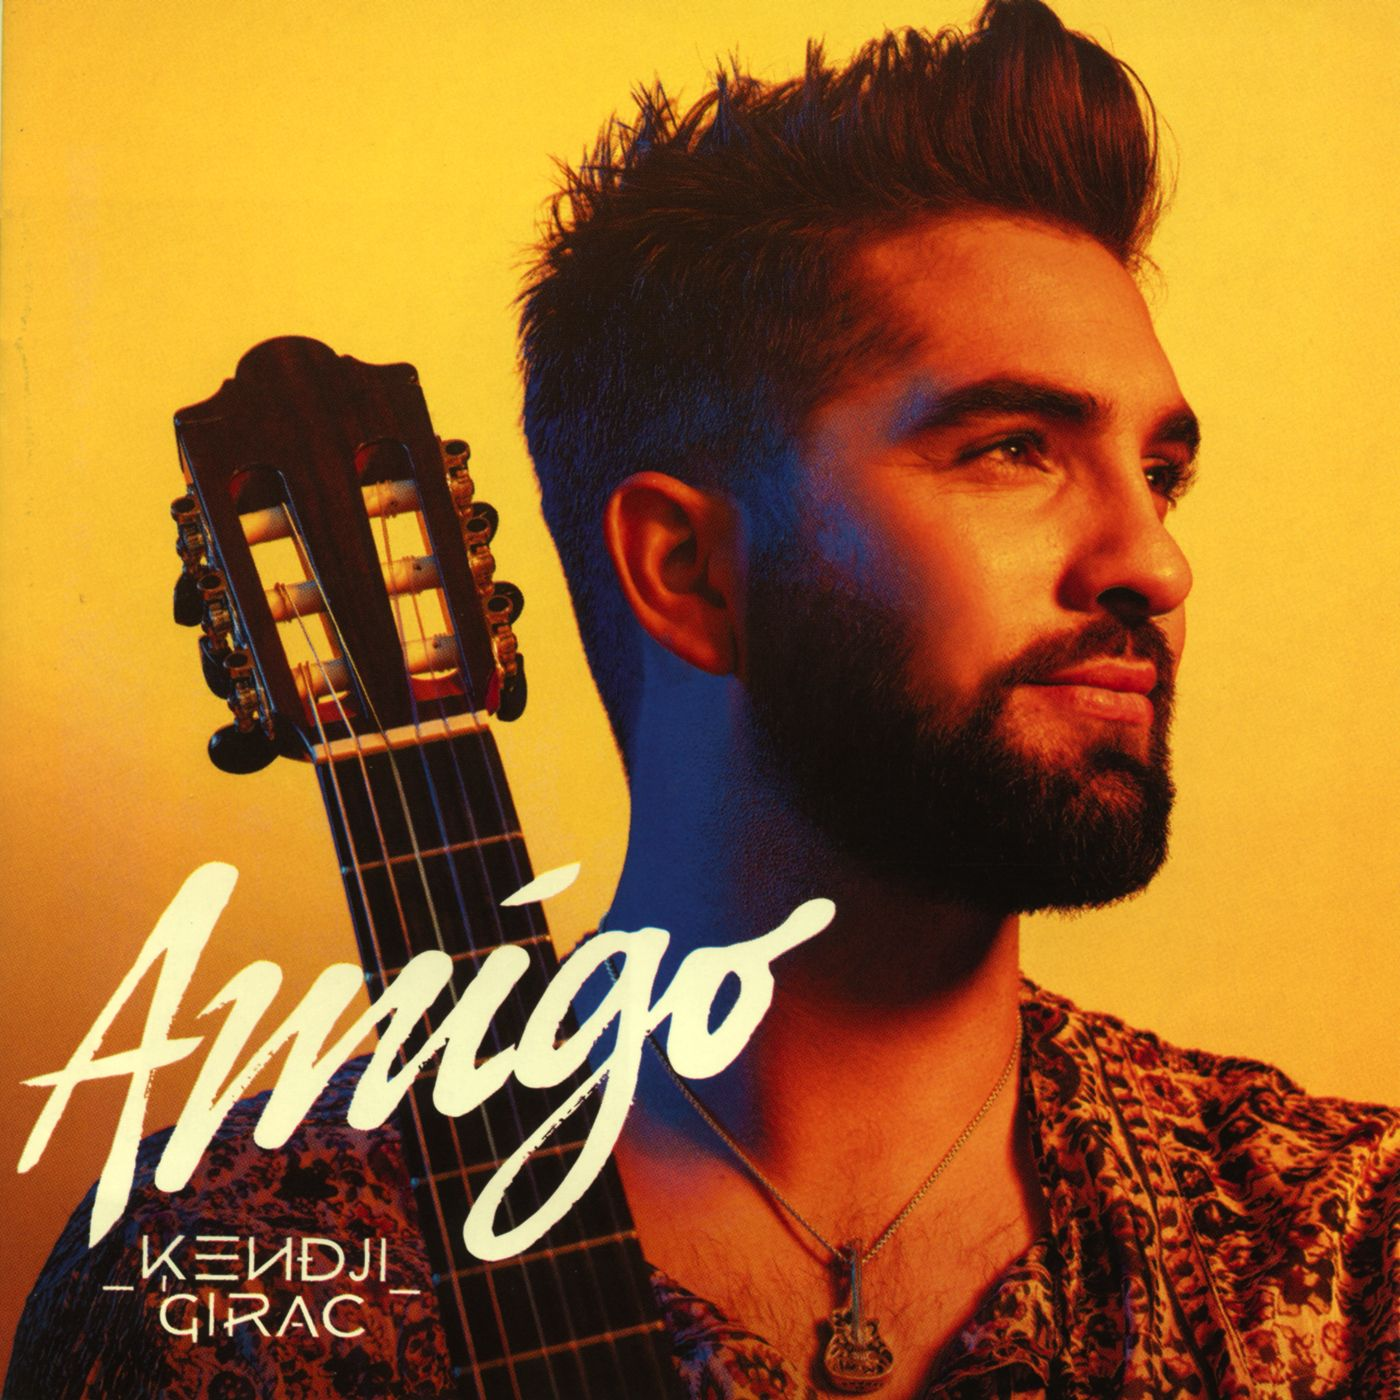 Kendji Girac - Amigo album cover